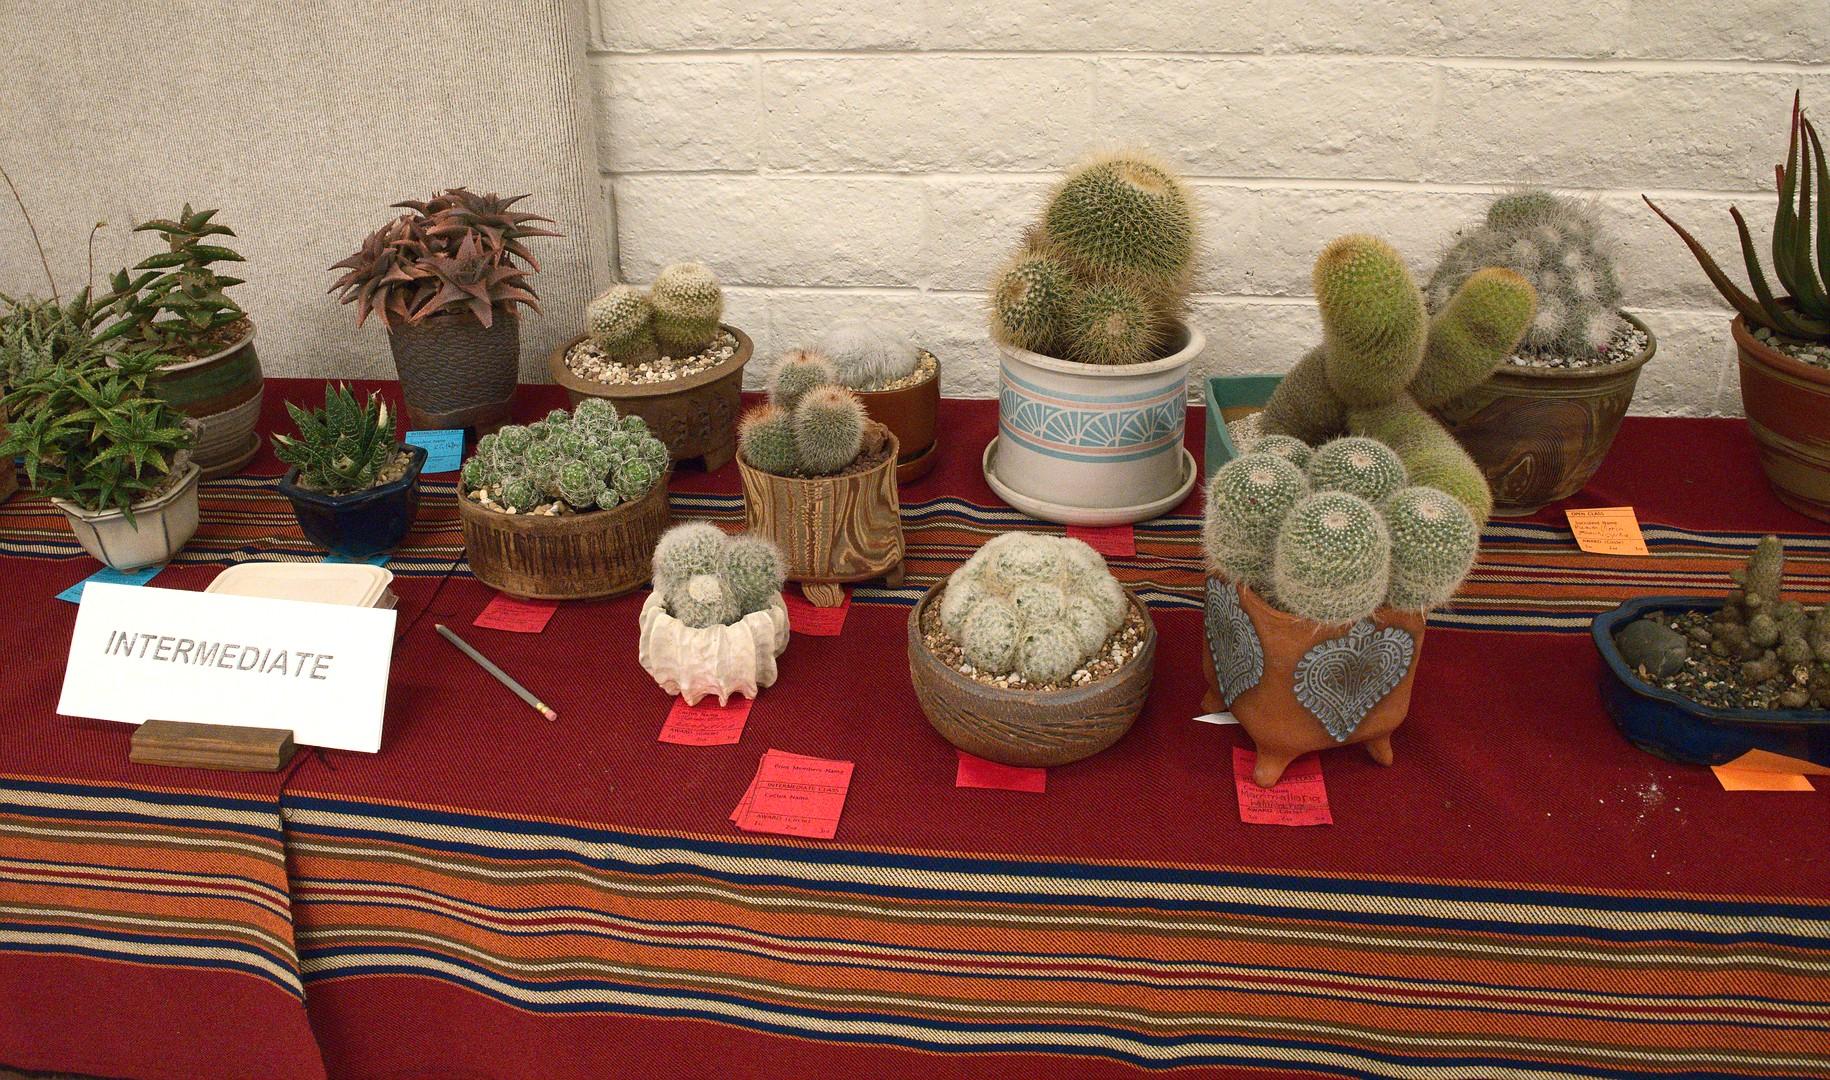 Intermediate Cactus